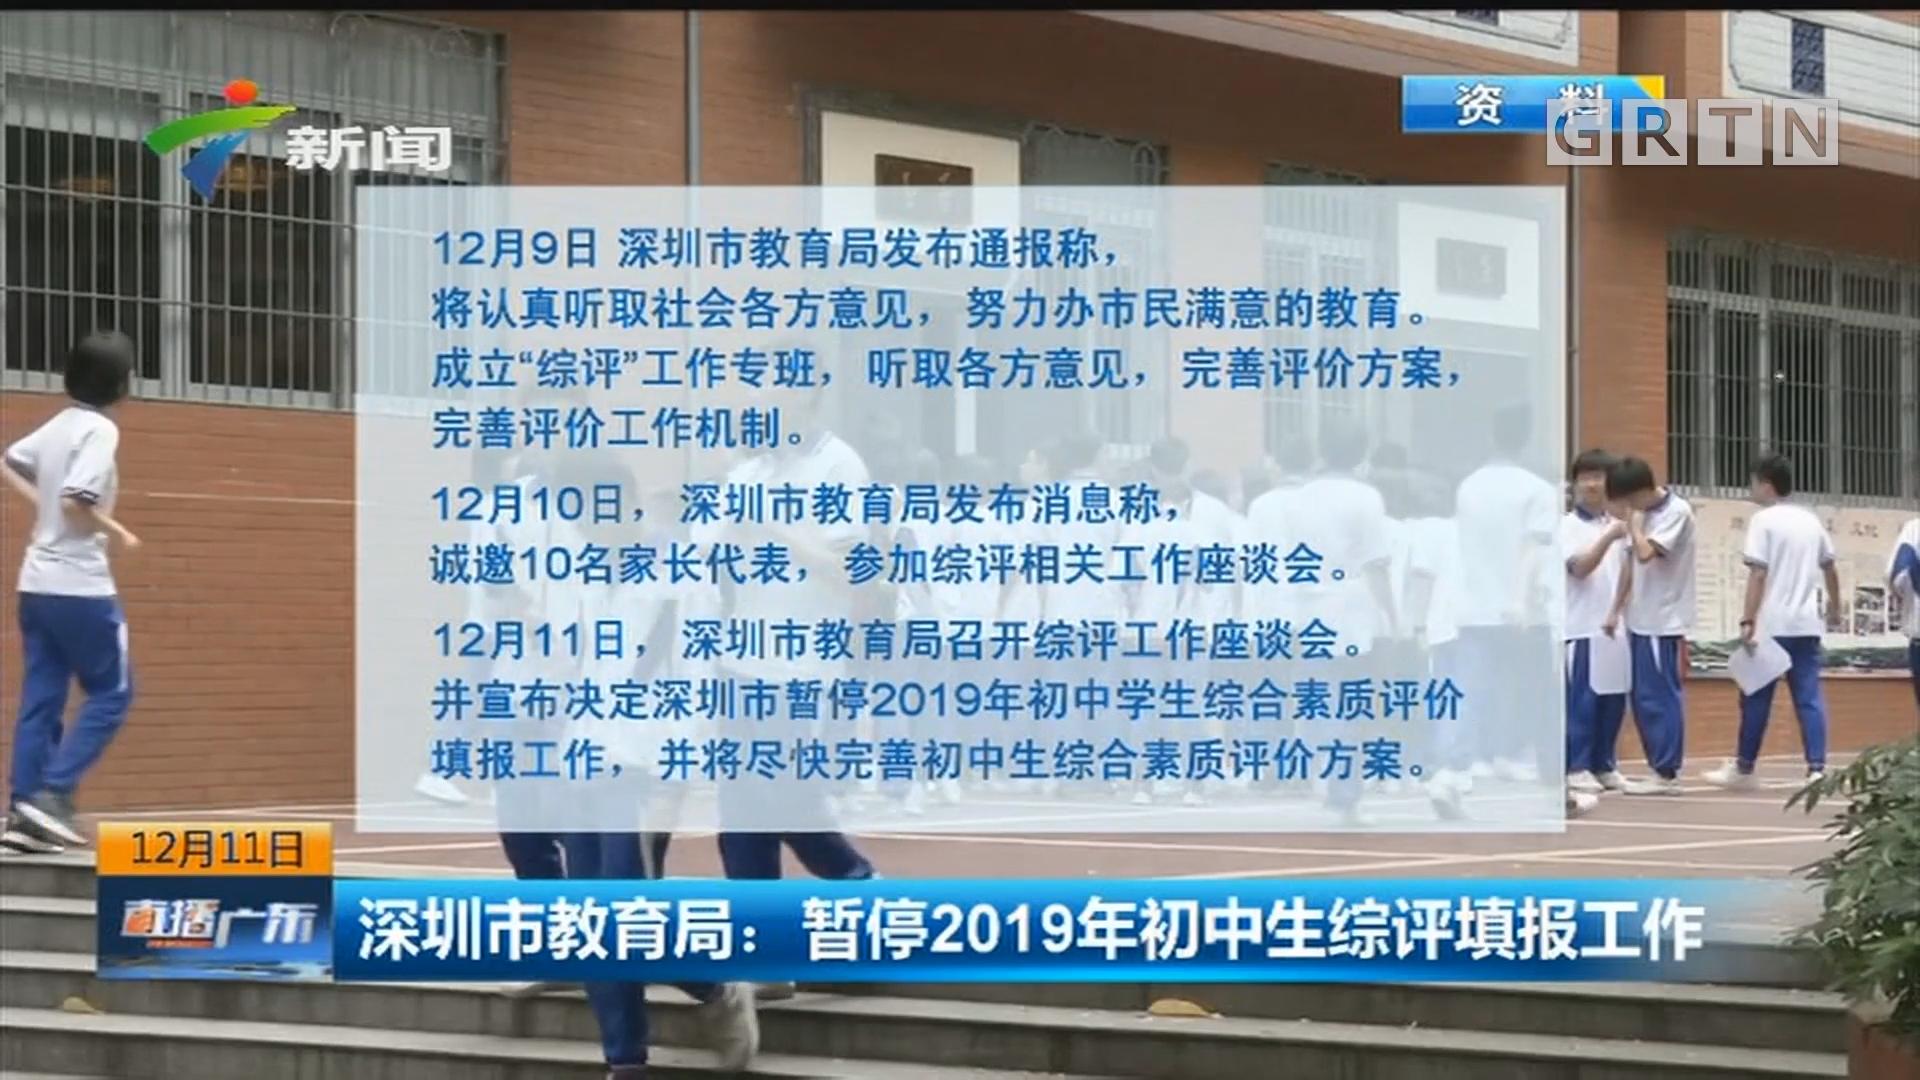 深圳市教育局:暂停2019年初中生综评填报工作